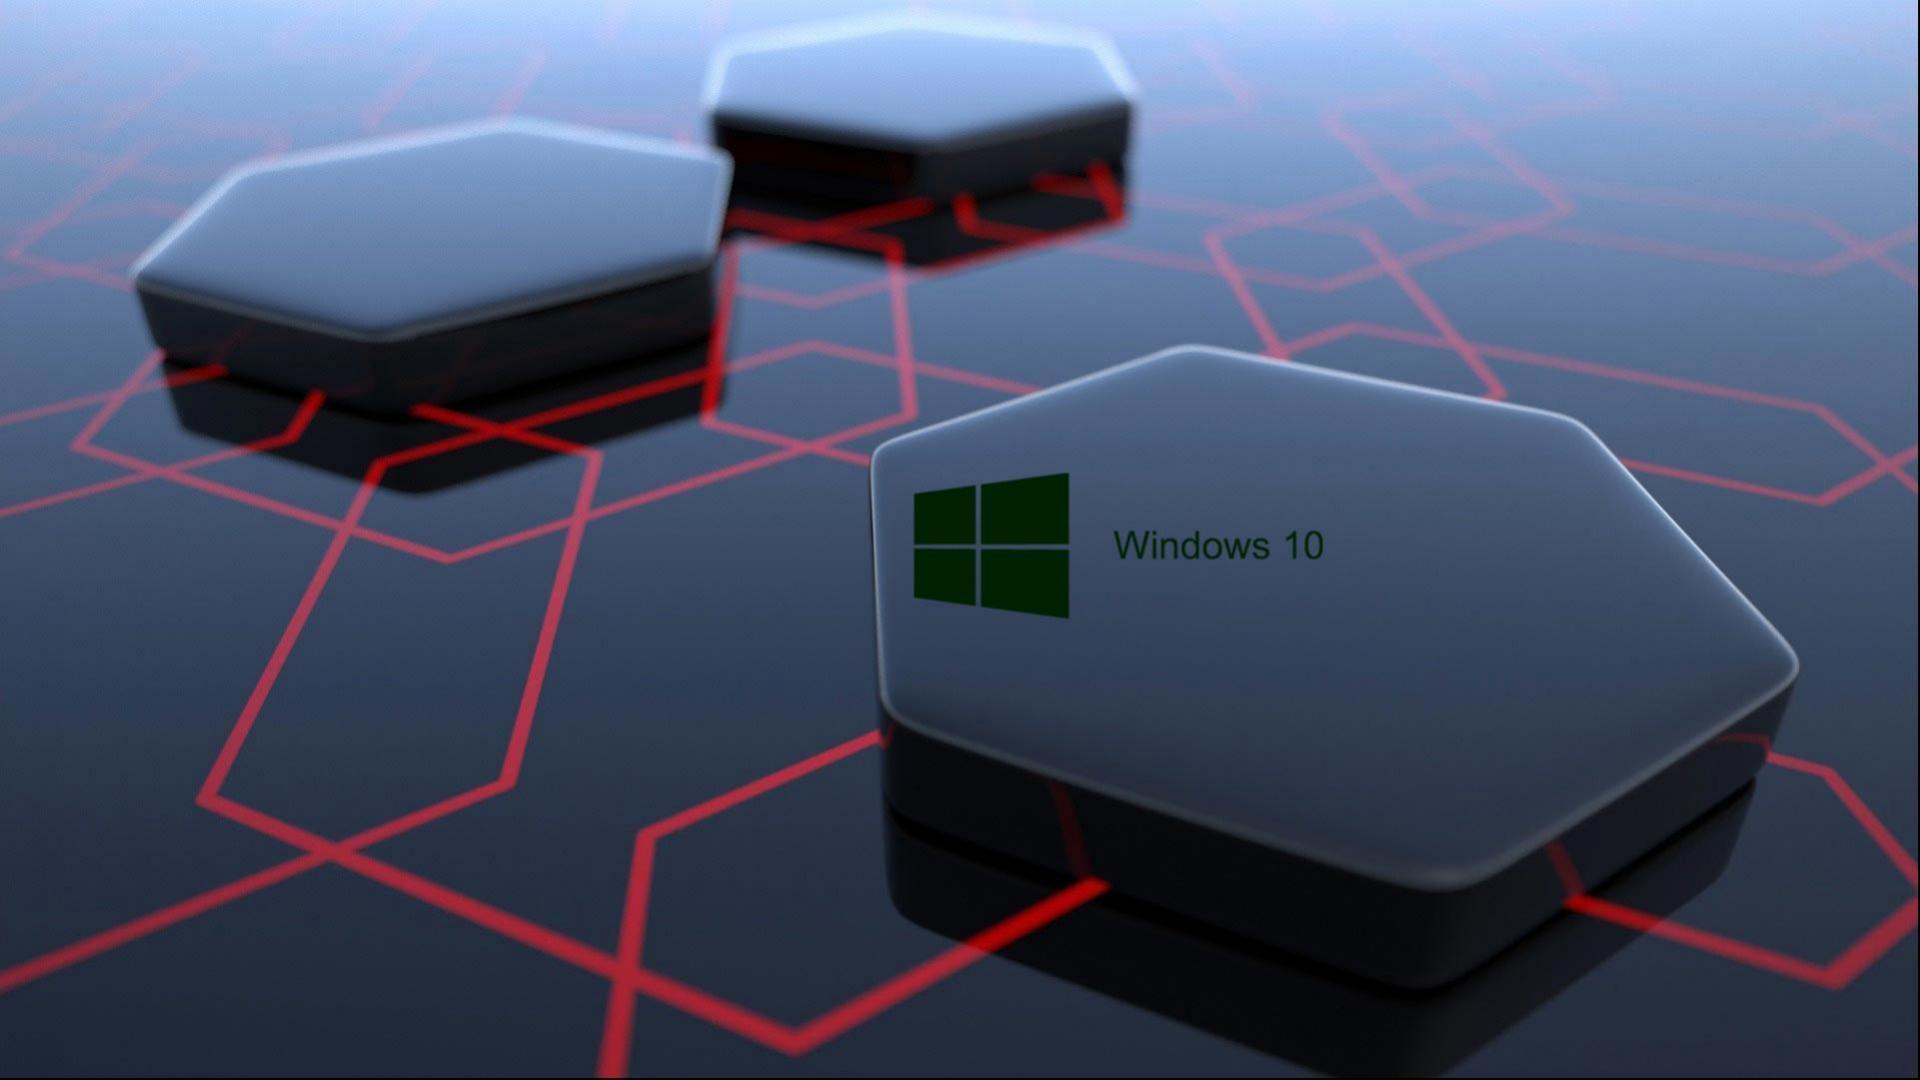 Windows 10 Wallpapers Hd 3d Wallpapersafari